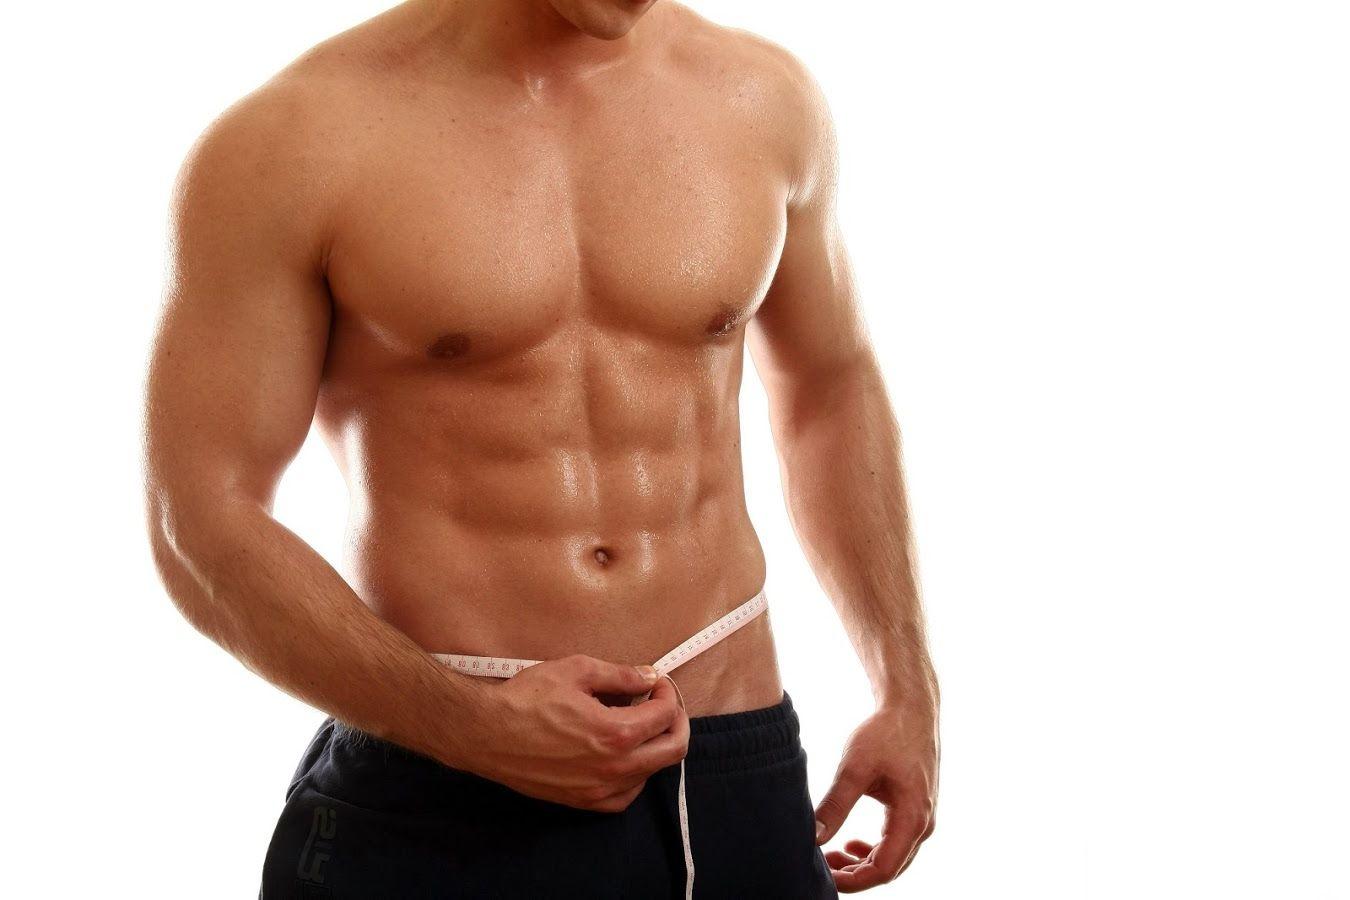 El abdomen perfecto